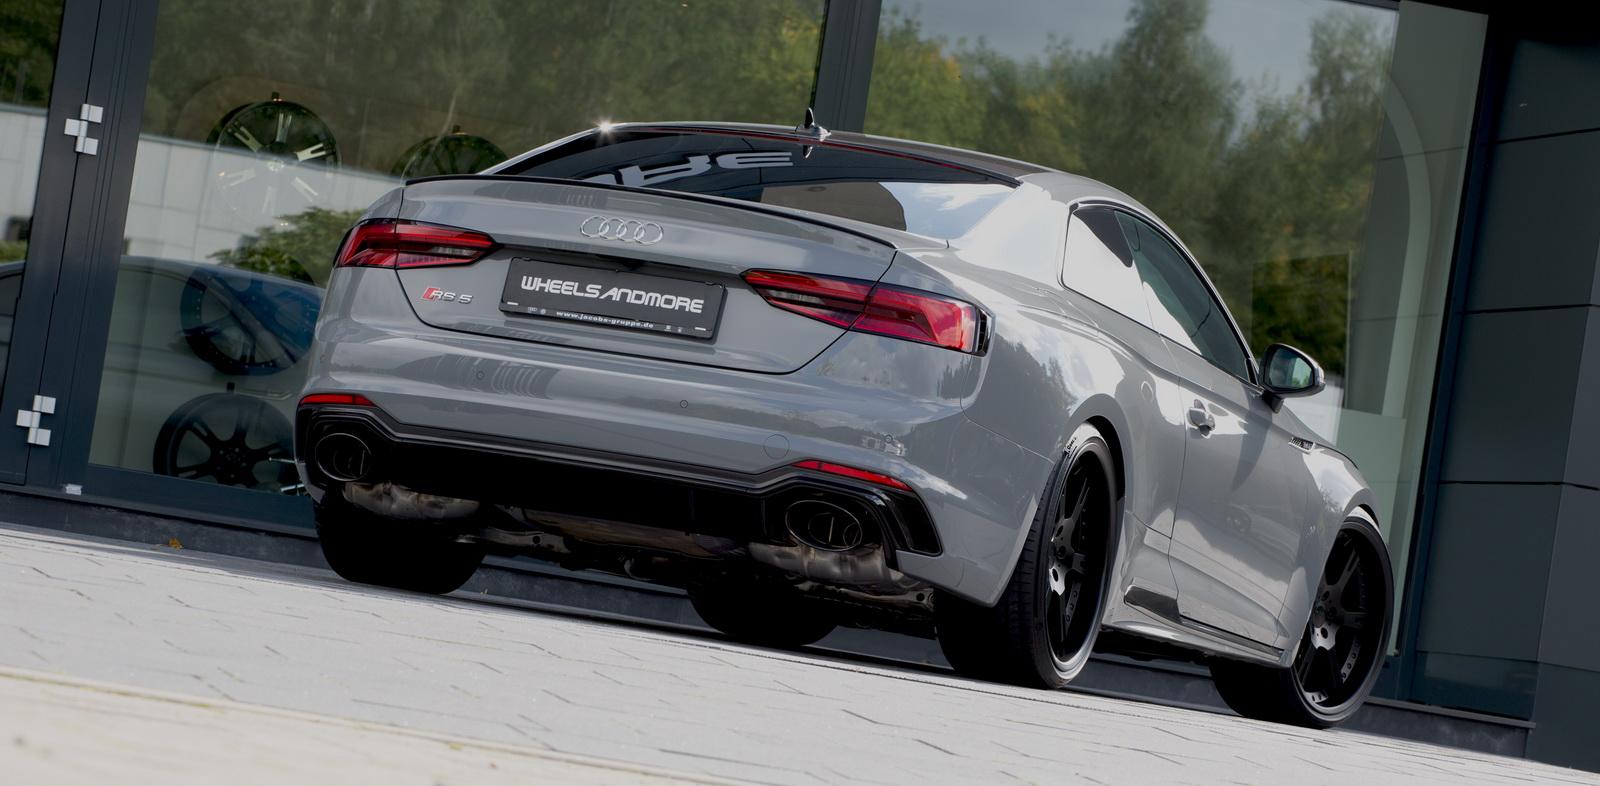 Audi RS5 por Wheelsandmore: Más potencia y unas llantas menos discretas